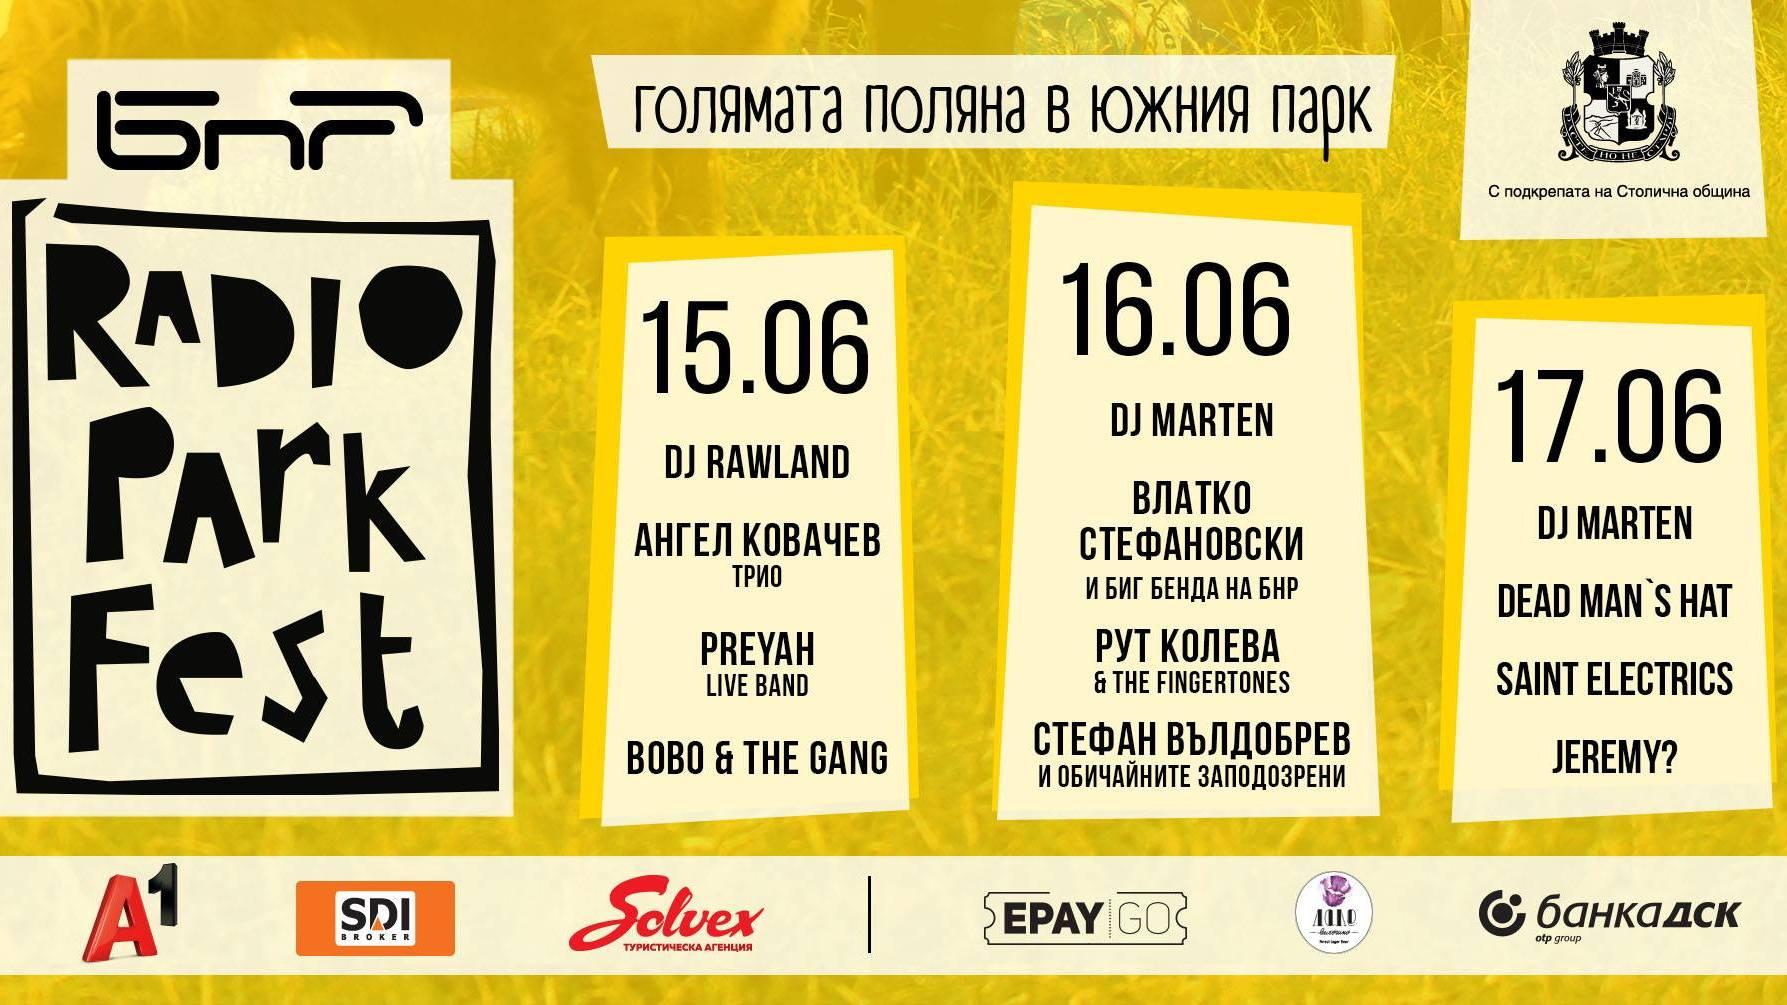 БНР кани за втора поредна година на Радио парк фест